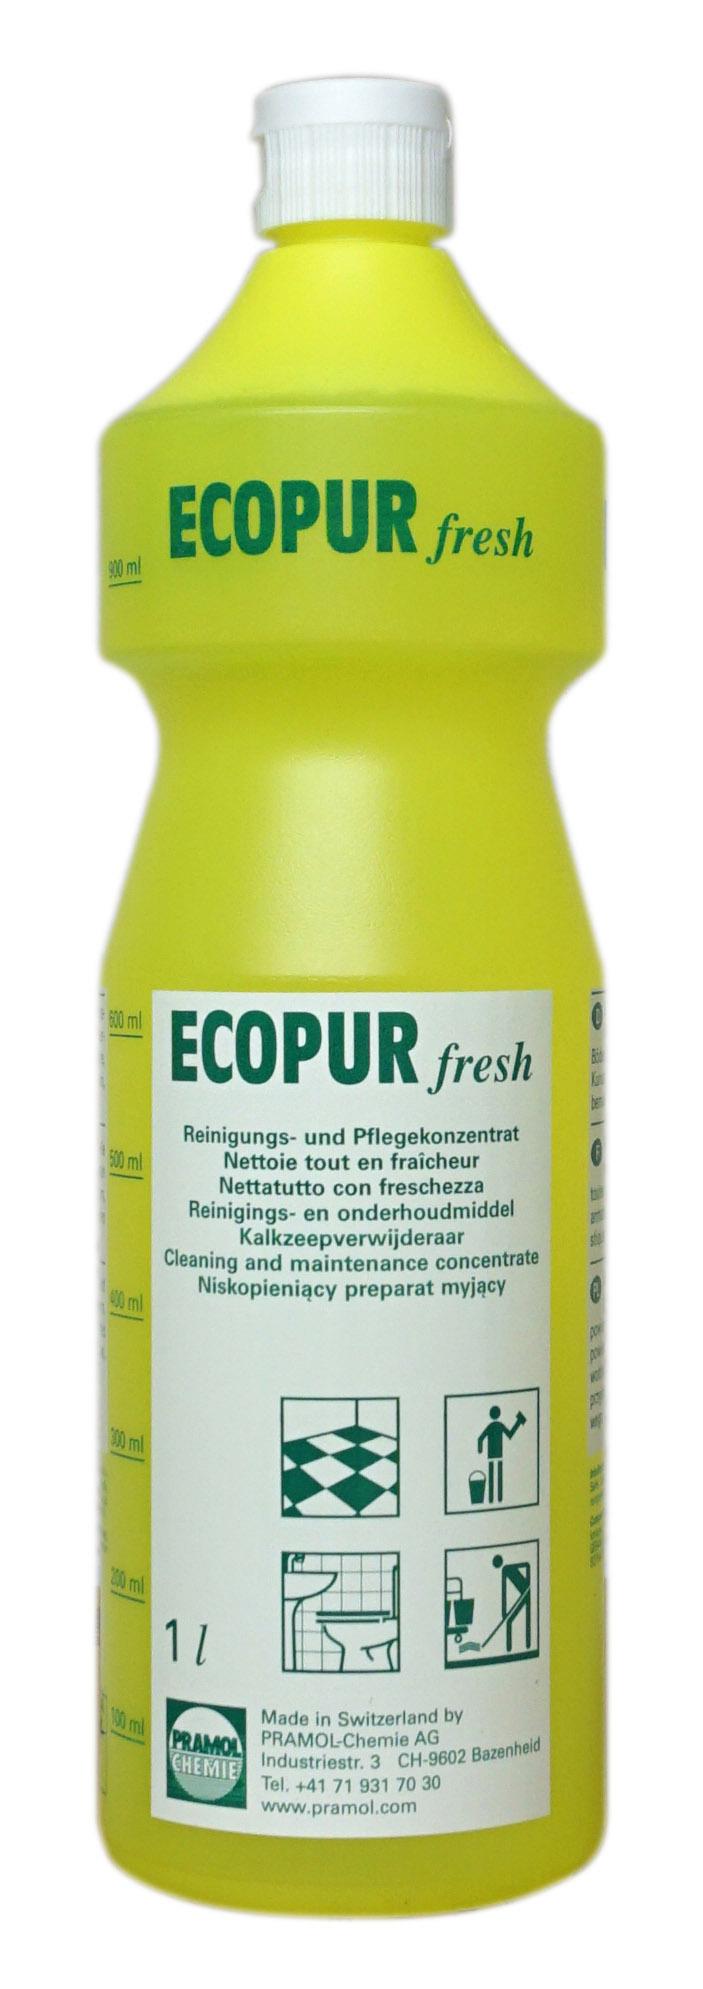 Pramol ecopur fresh, Reinigungs- und Pflegekonzentrat, 1 Liter